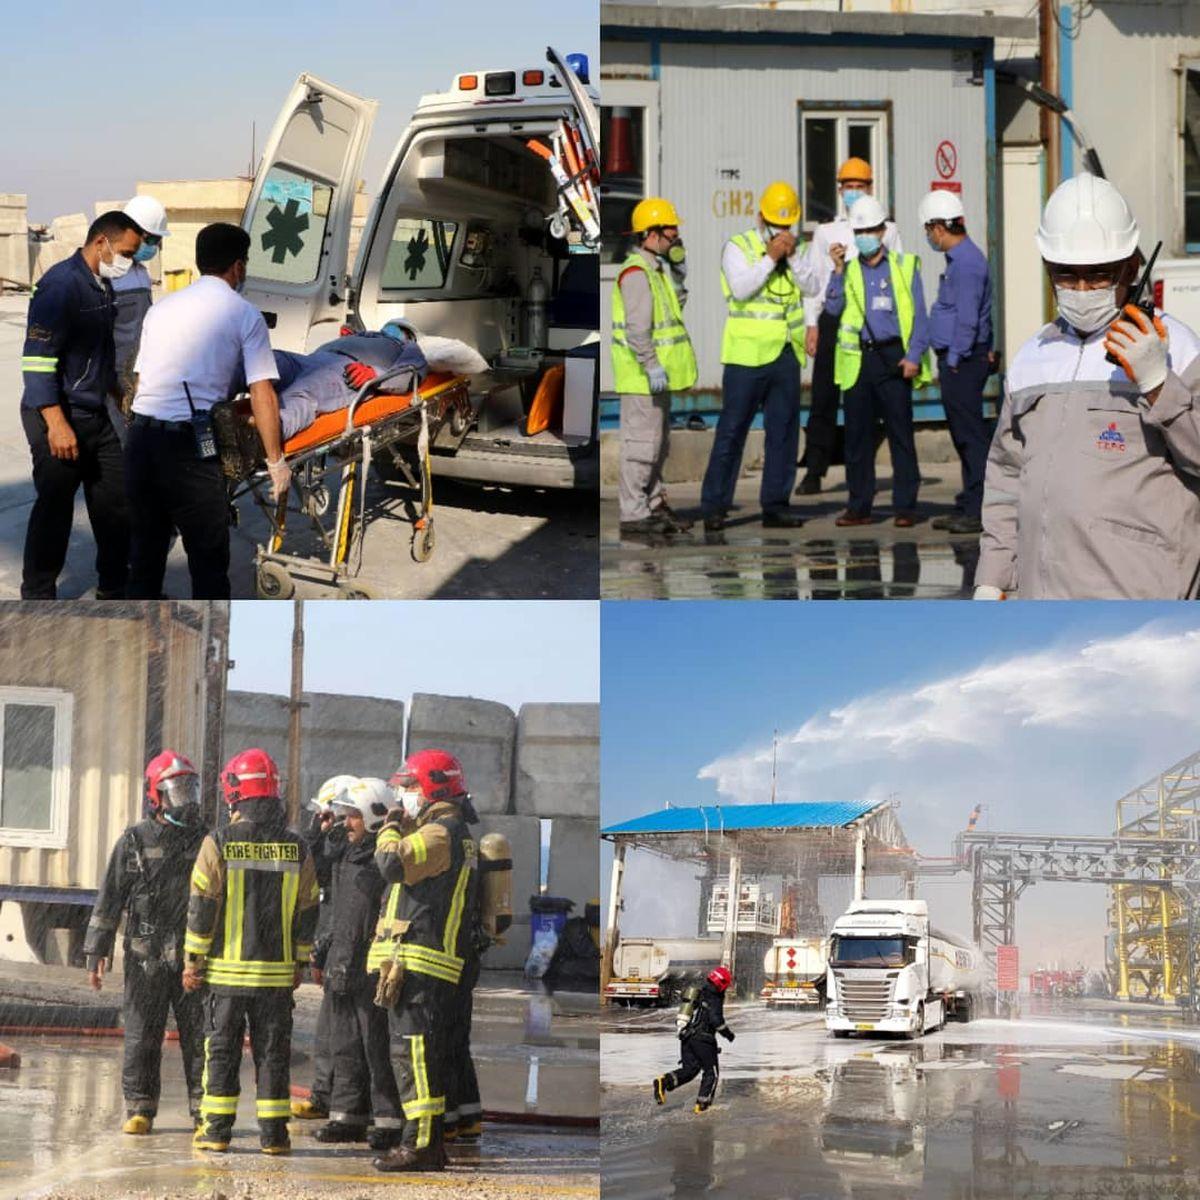 برگزاری مانور مشترک منطقه ای سطح ۲ آموزشی ـ عملیاتی در پتروشیمی پارس